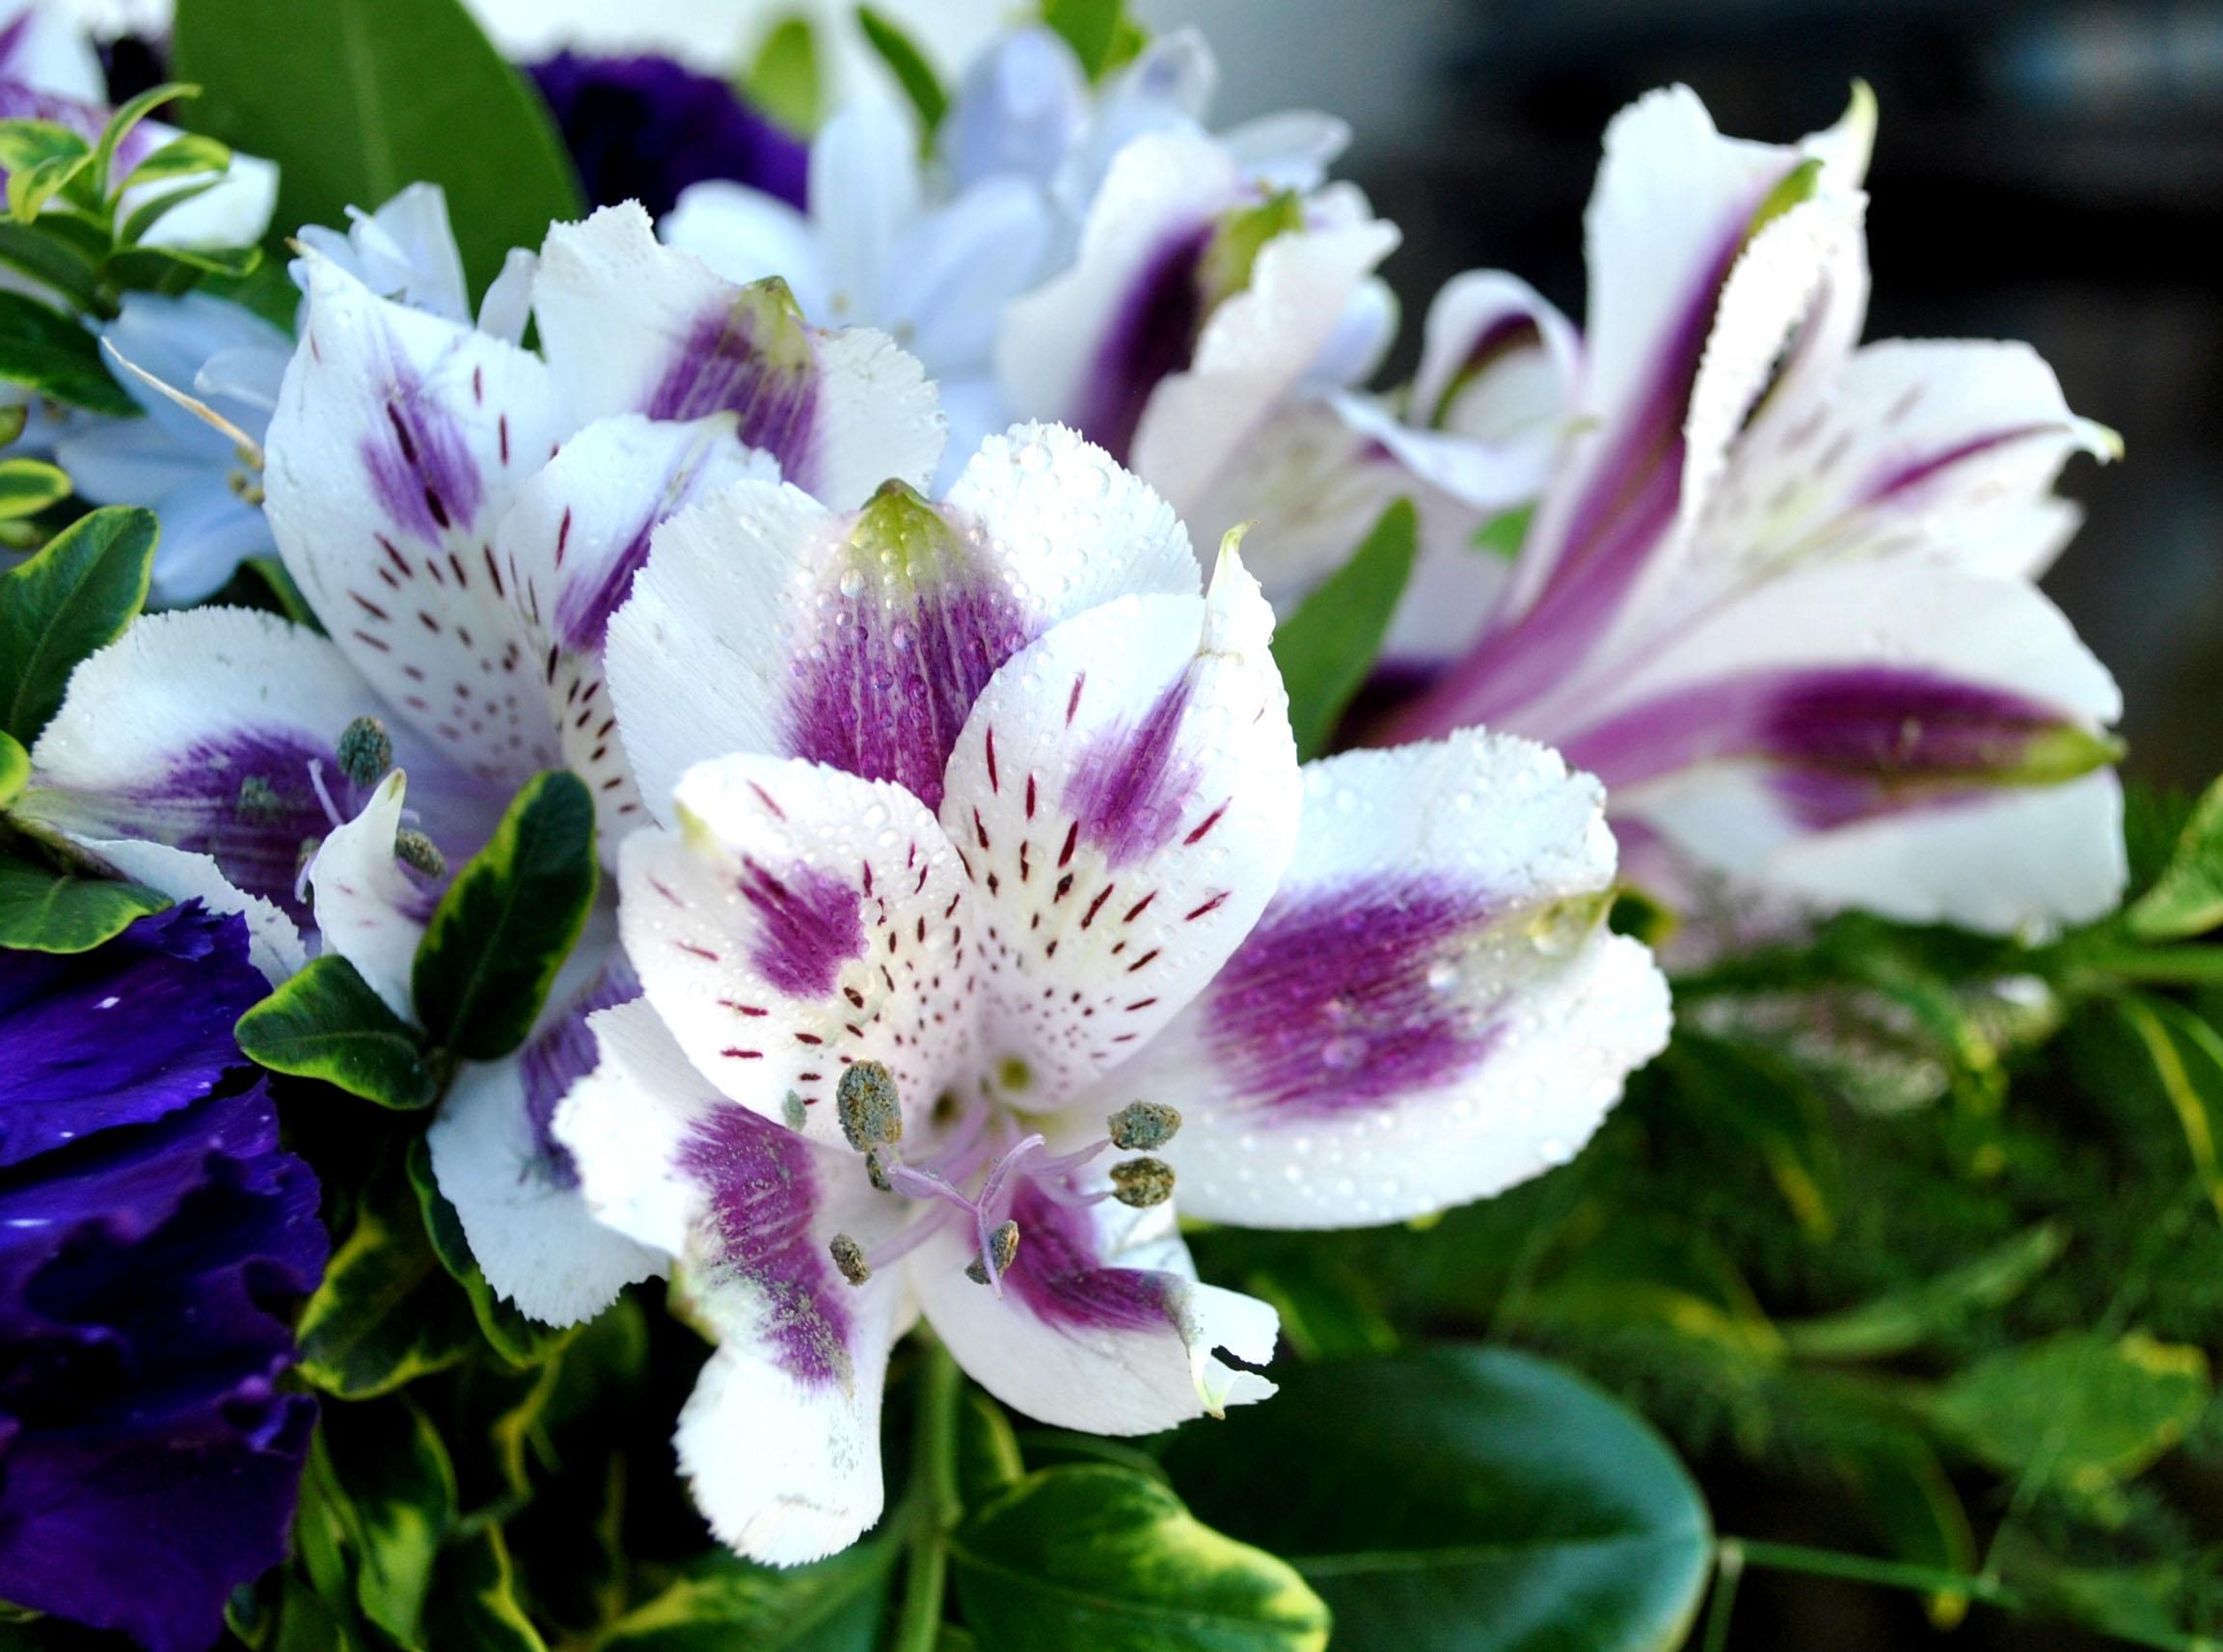 Hoa bách hợp màu tím có ý nghĩa gì